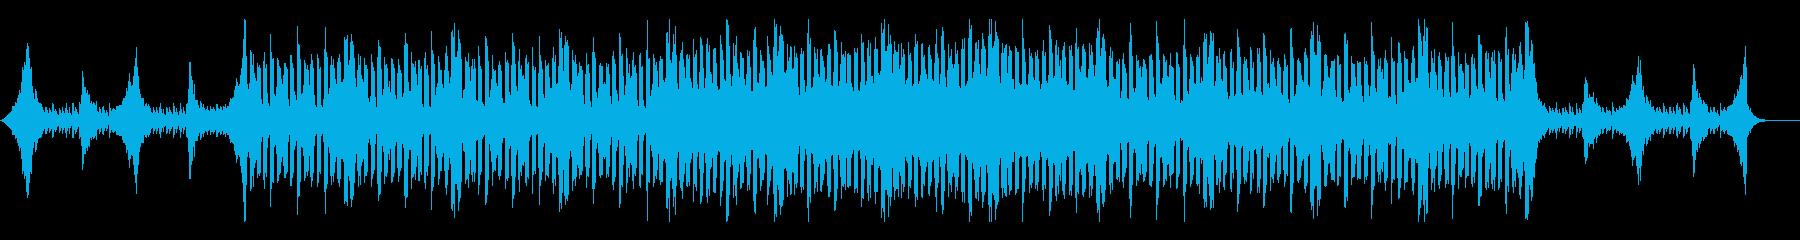 緊張感漂うハードで壮大なサスペンス風劇伴の再生済みの波形